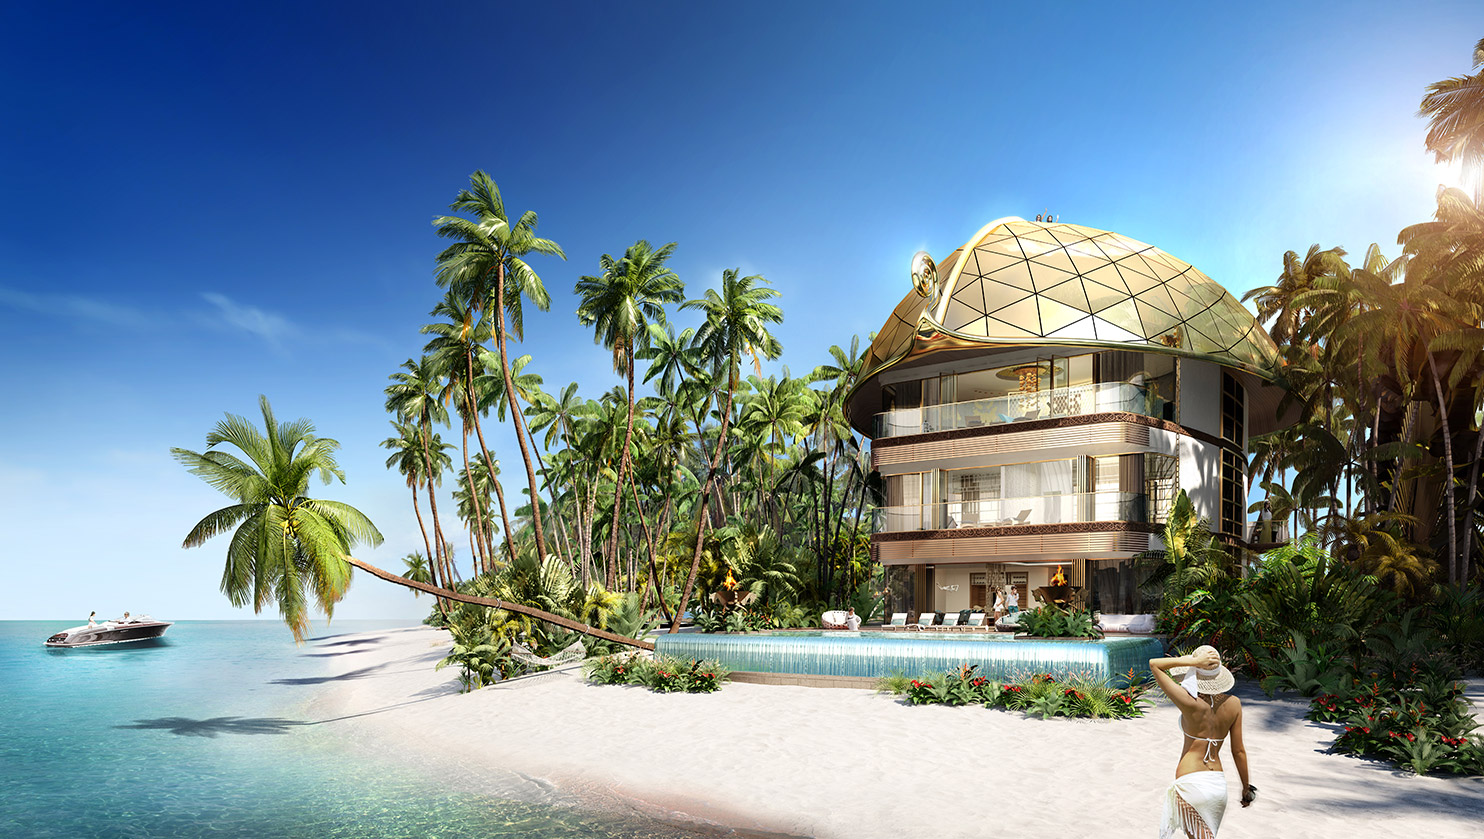 جزيرة السويد جزر العالم دبي (10)